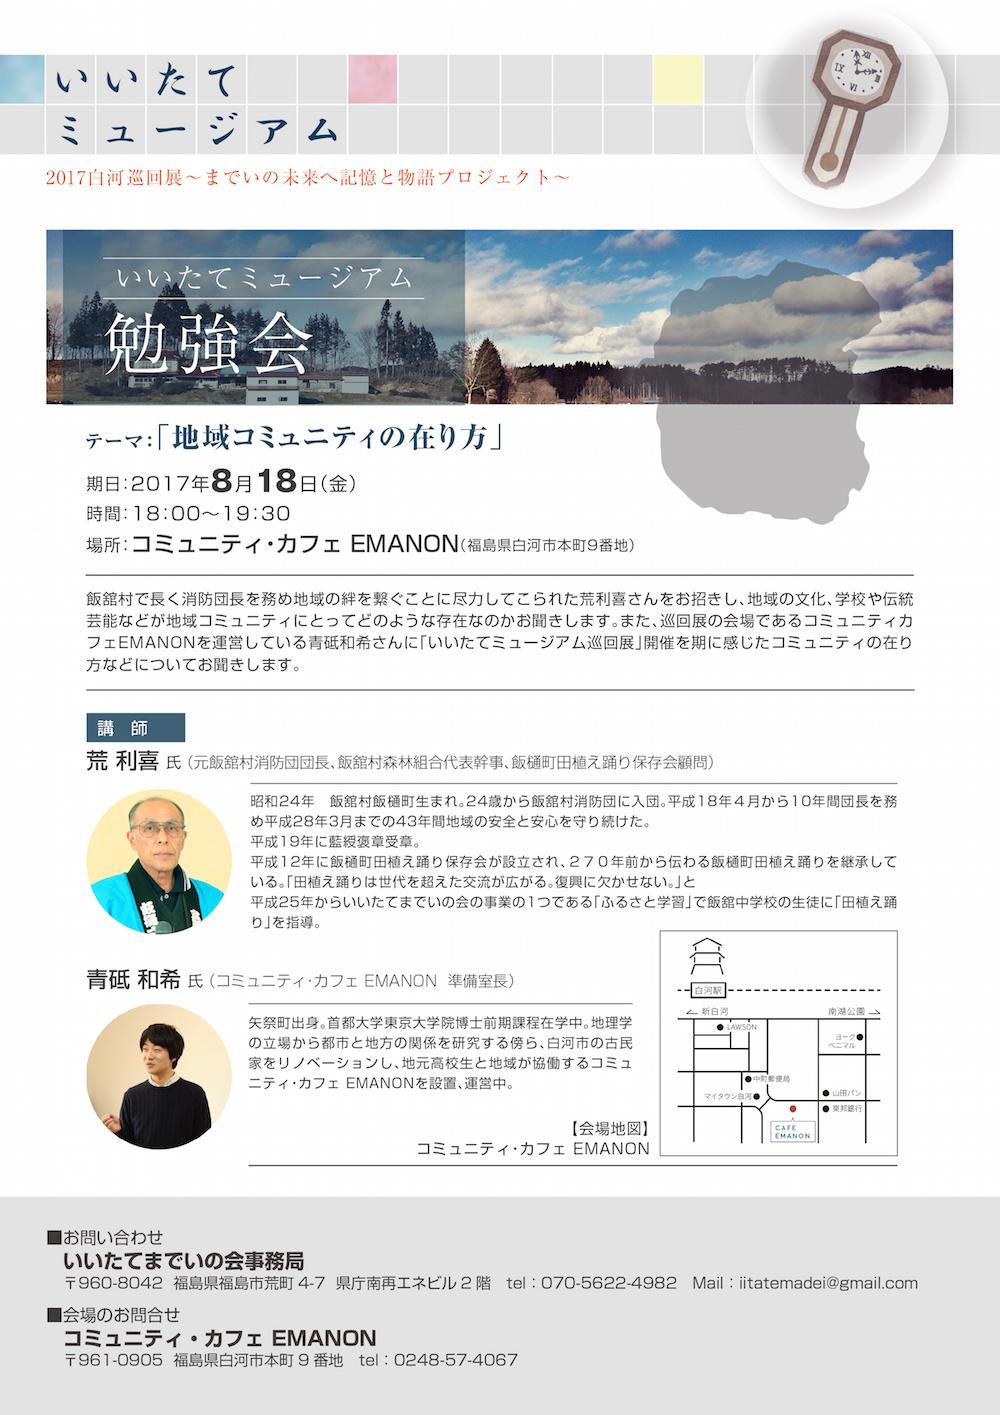 musium_shirakawa_flyer2017_ura